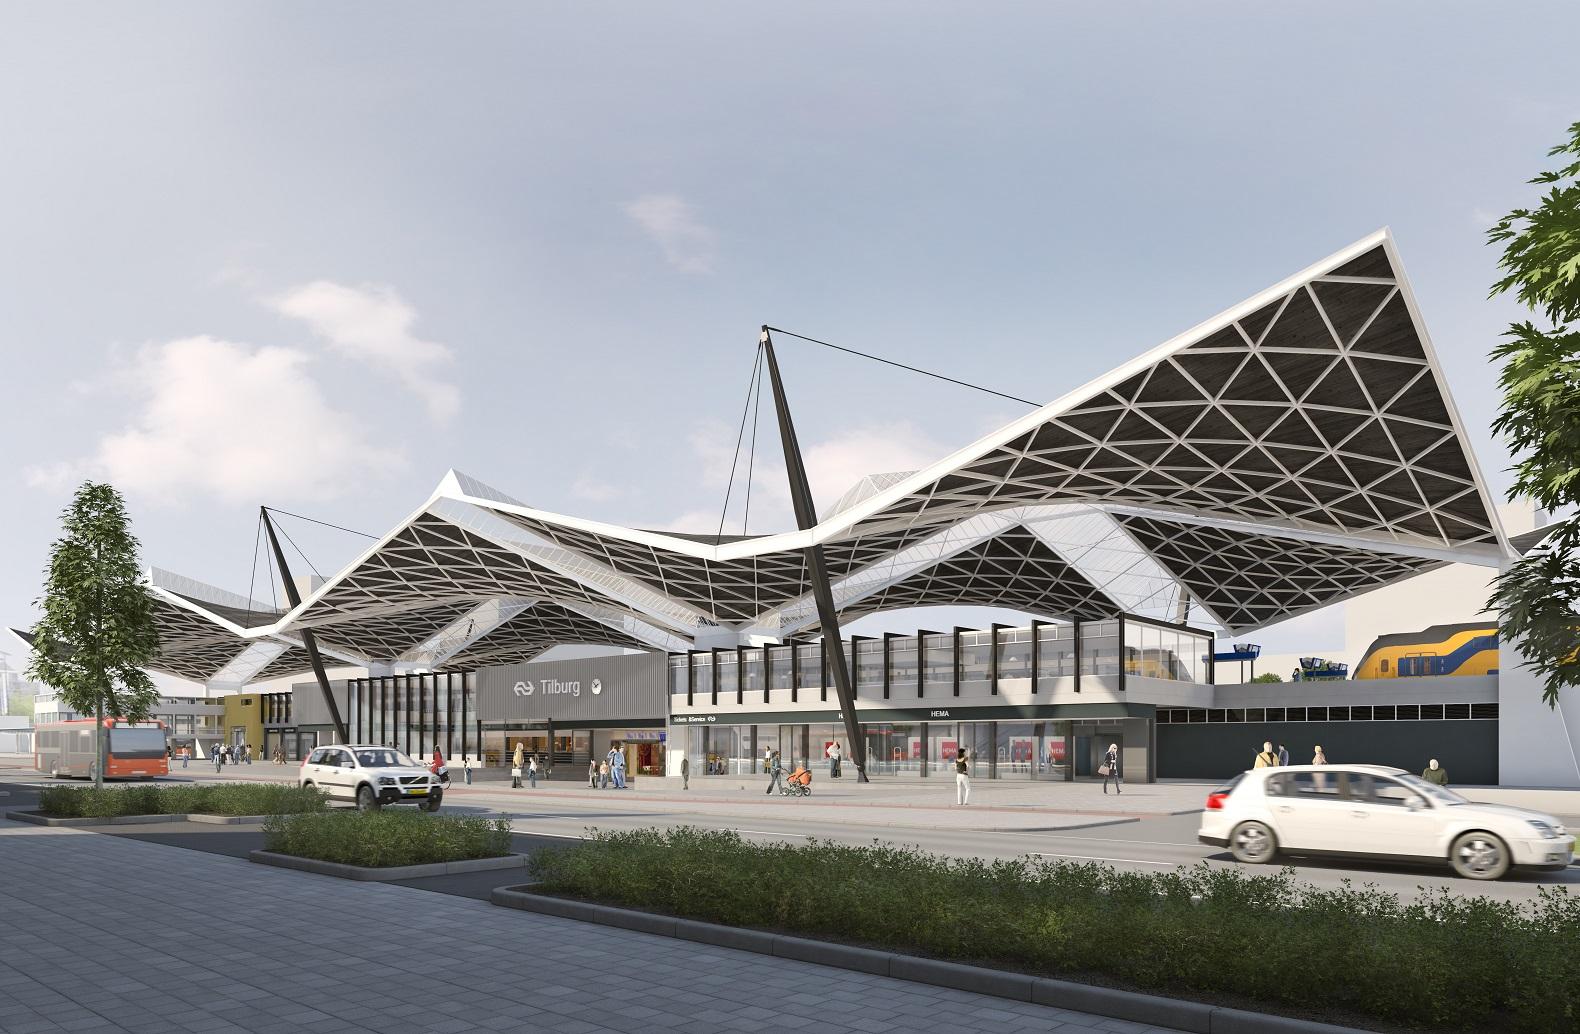 VDE renovatie station tilburg